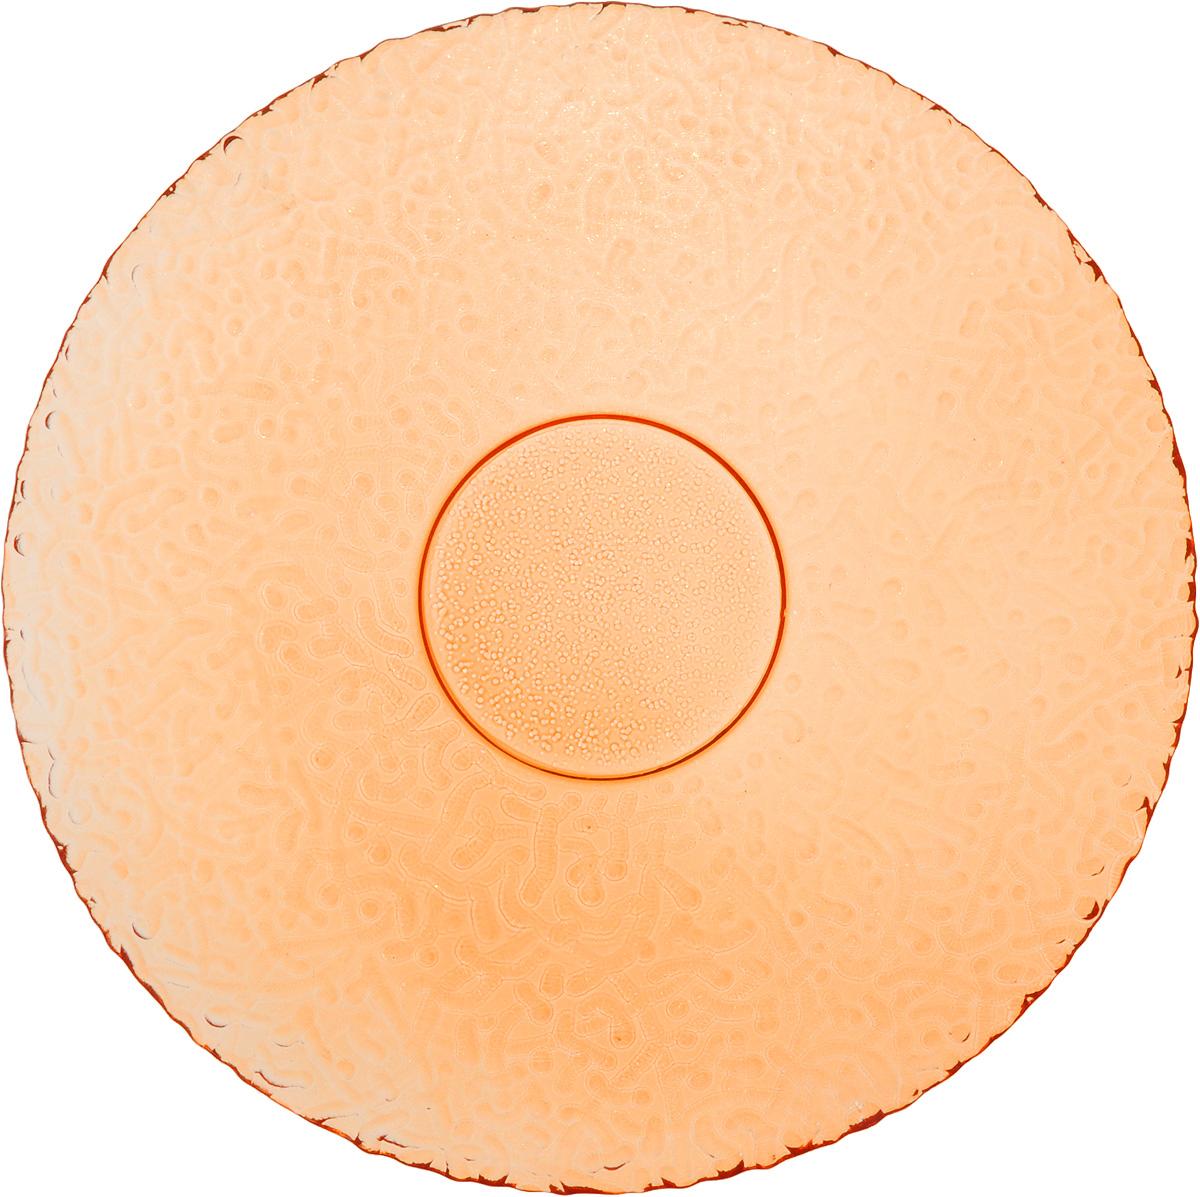 Тарелка NiNaGlass Ажур, цвет: оранжевый, диаметр 21 см115510Тарелка NiNaGlass Ажур выполнена из высококачественного стекла и оформлена оригинальным рельефом. Она прекрасно впишется в интерьер вашей кухни и станет достойным дополнением к кухонному инвентарю. Тарелка NiNaGlass Ажур подчеркнет прекрасный вкус хозяйки и станет отличным подарком. Диаметр тарелки: 21 см. Высота: 2,5 см.